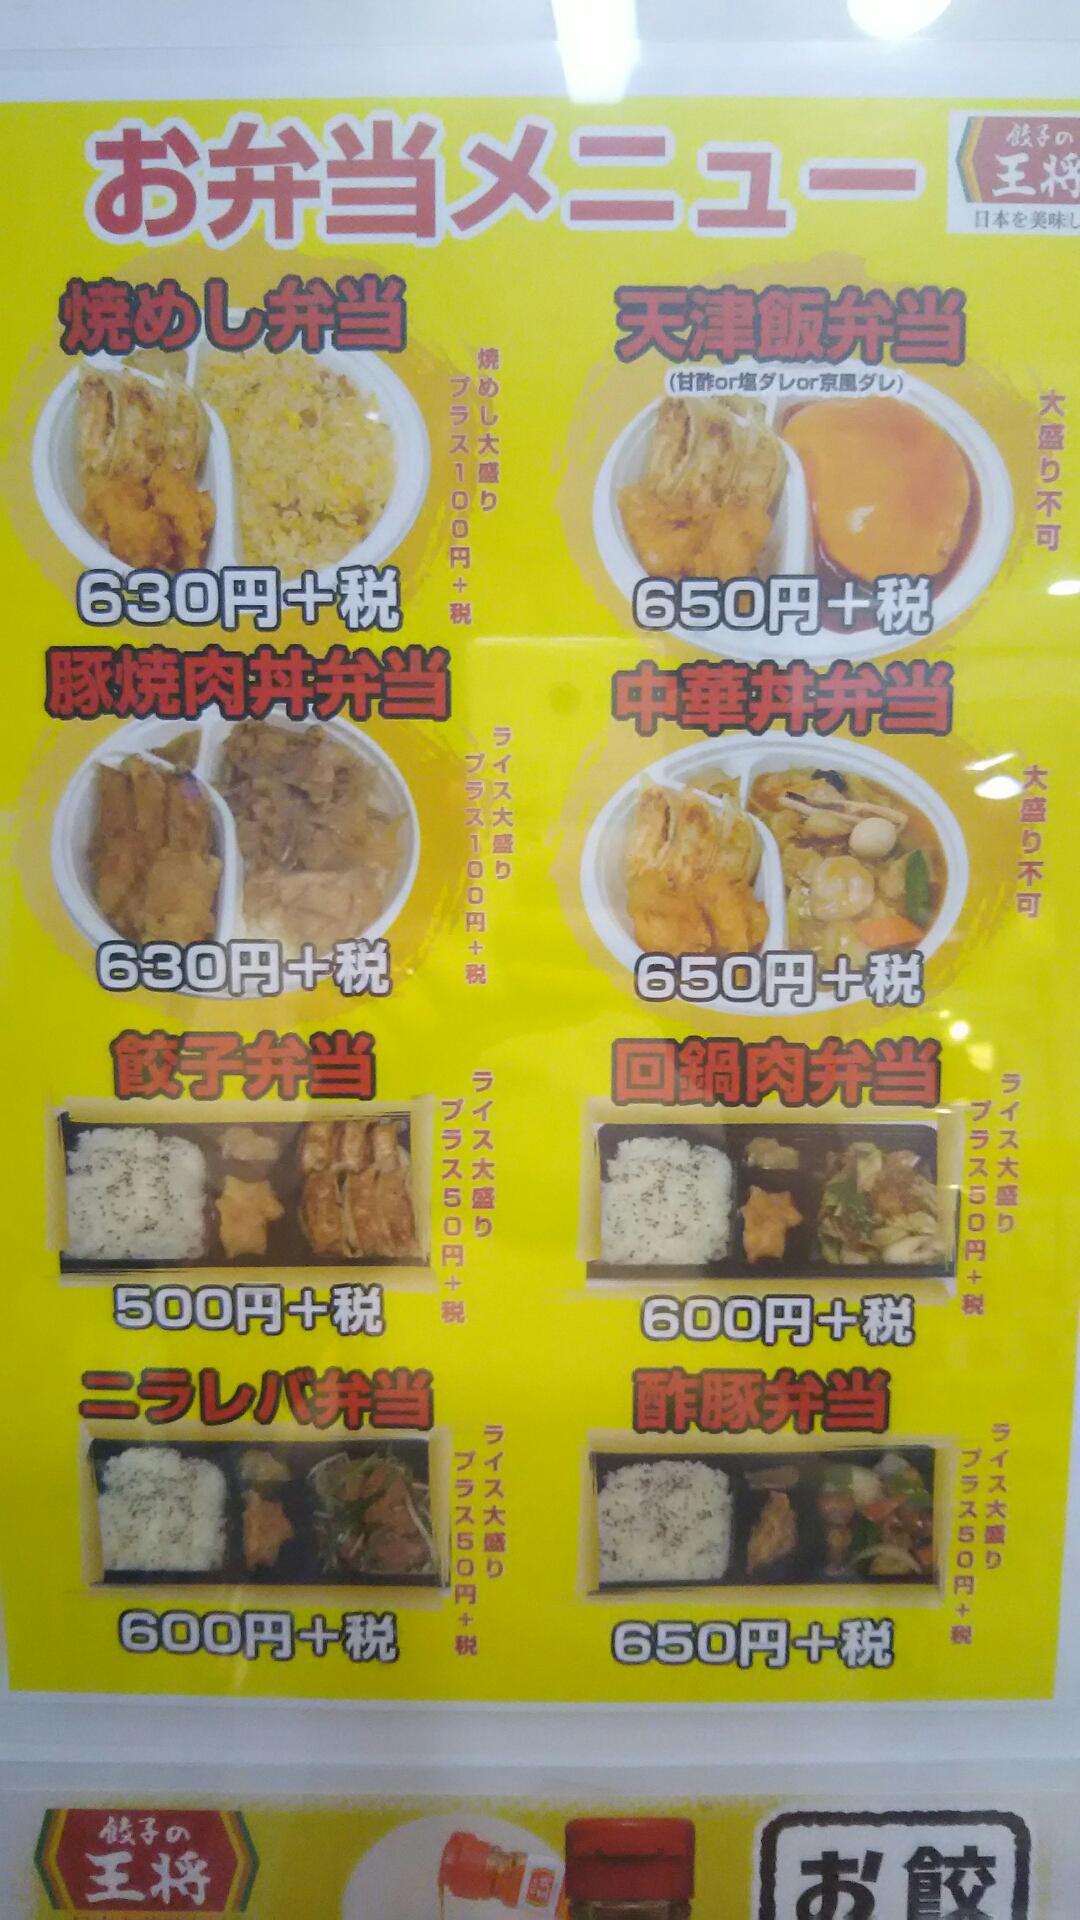 餃子の王将武蔵浦和店で餃子テイクアウト!毎月変わるセールに